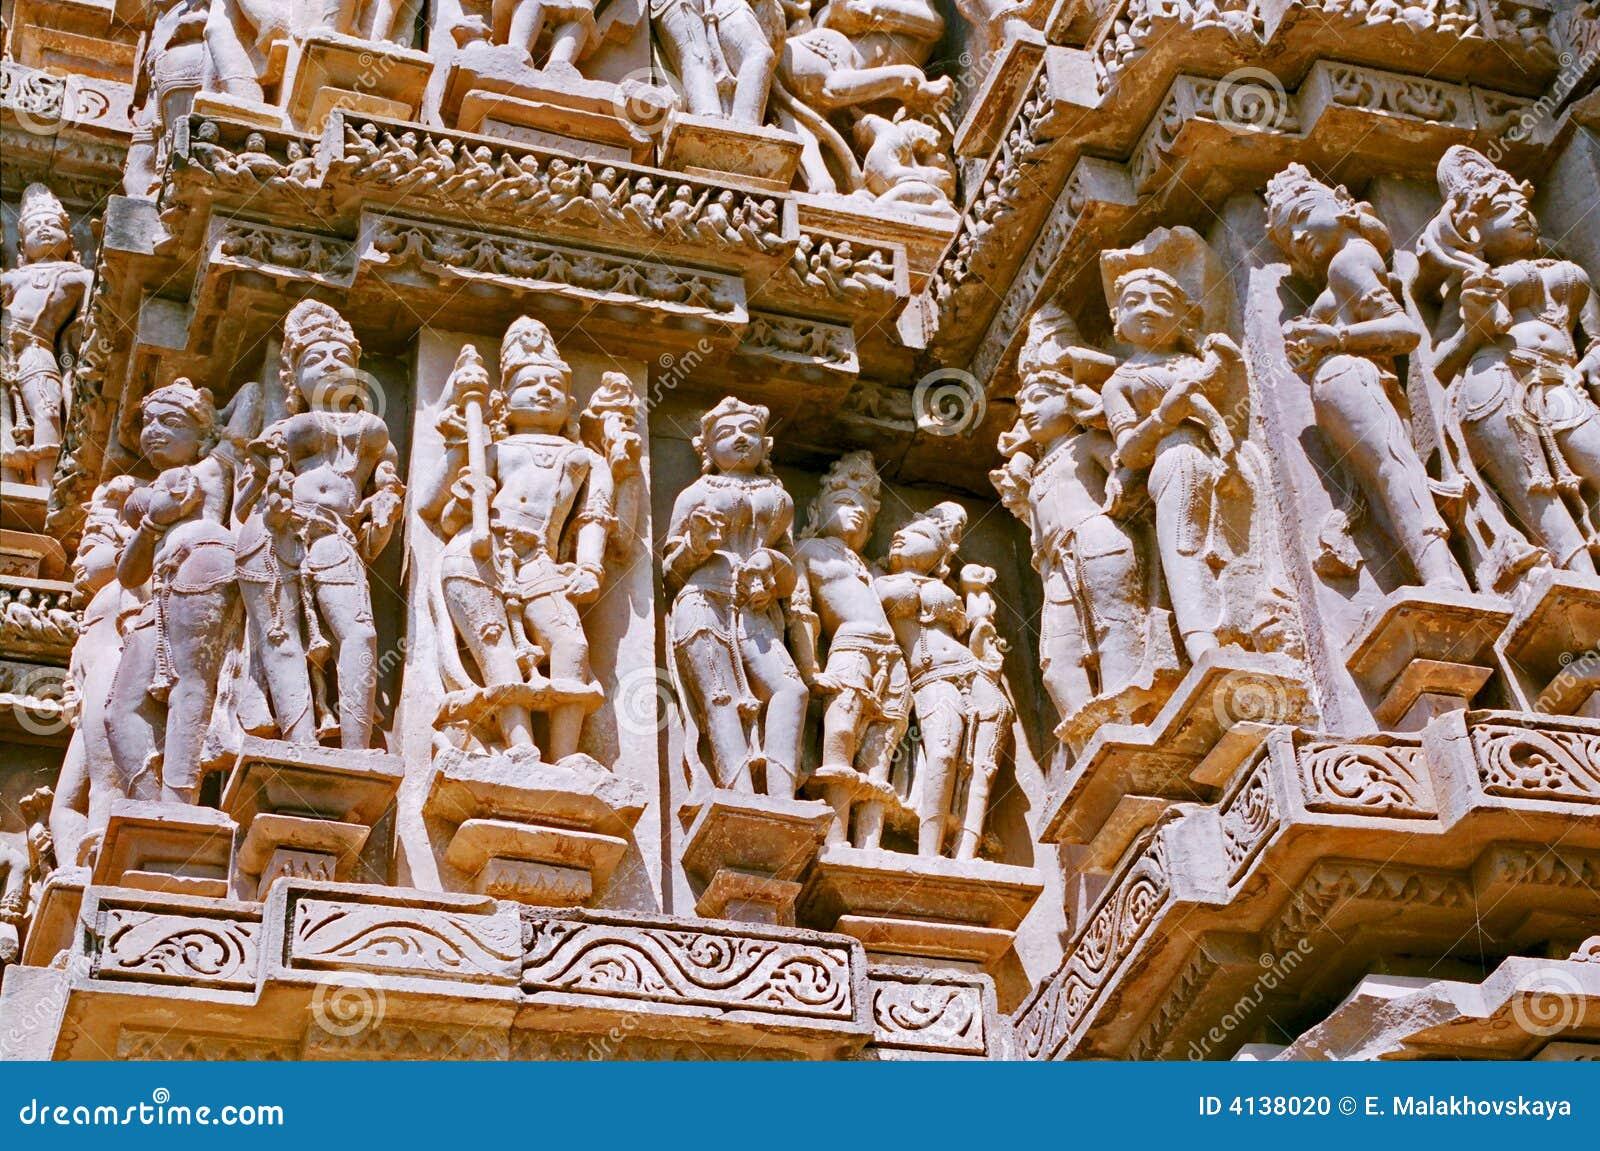 India, Temple in Khajuraho.